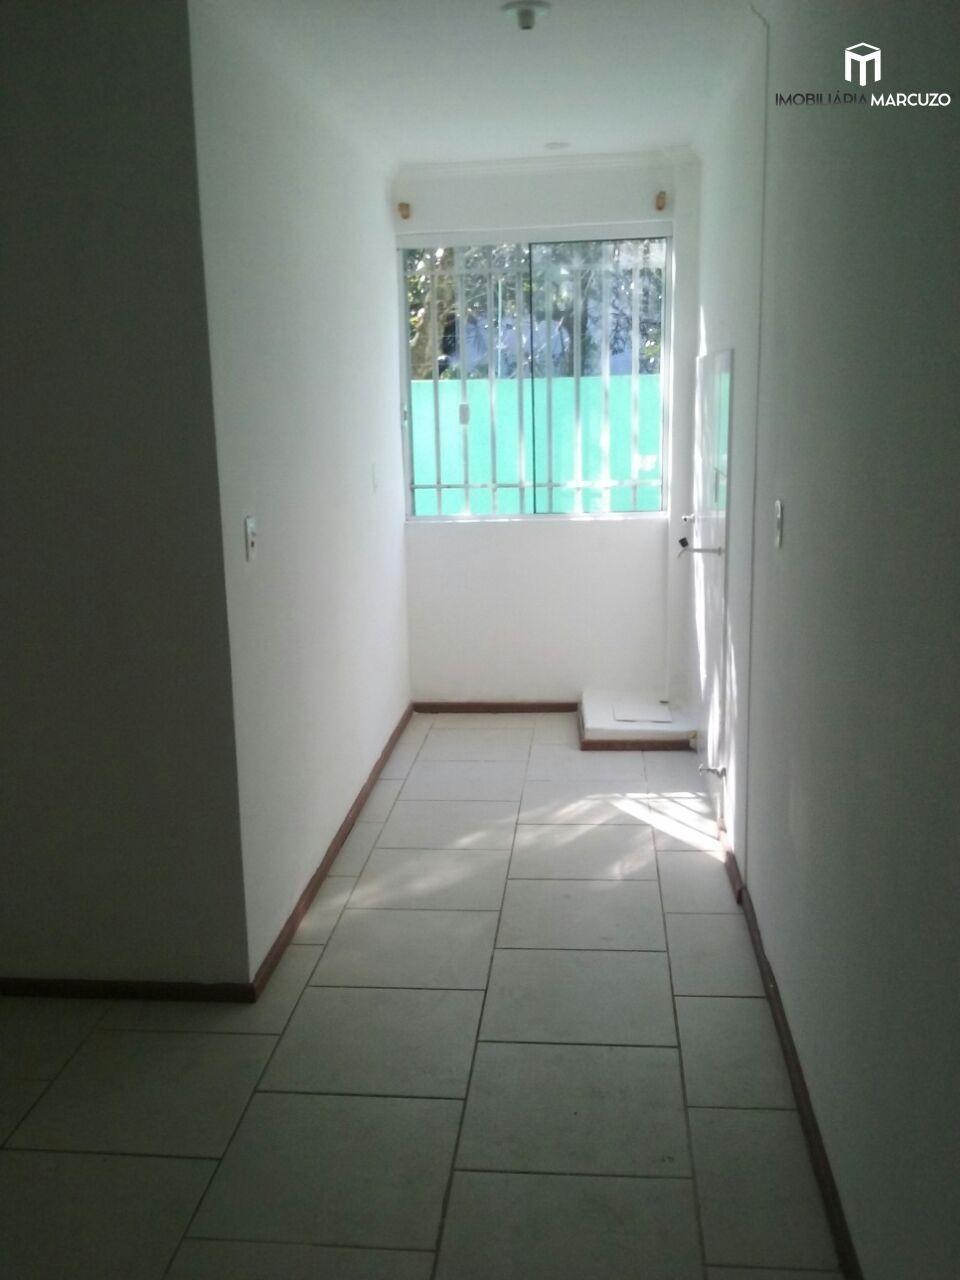 Apartamento com 2 Dormitórios à venda, 55 m² por R$ 175.000,00